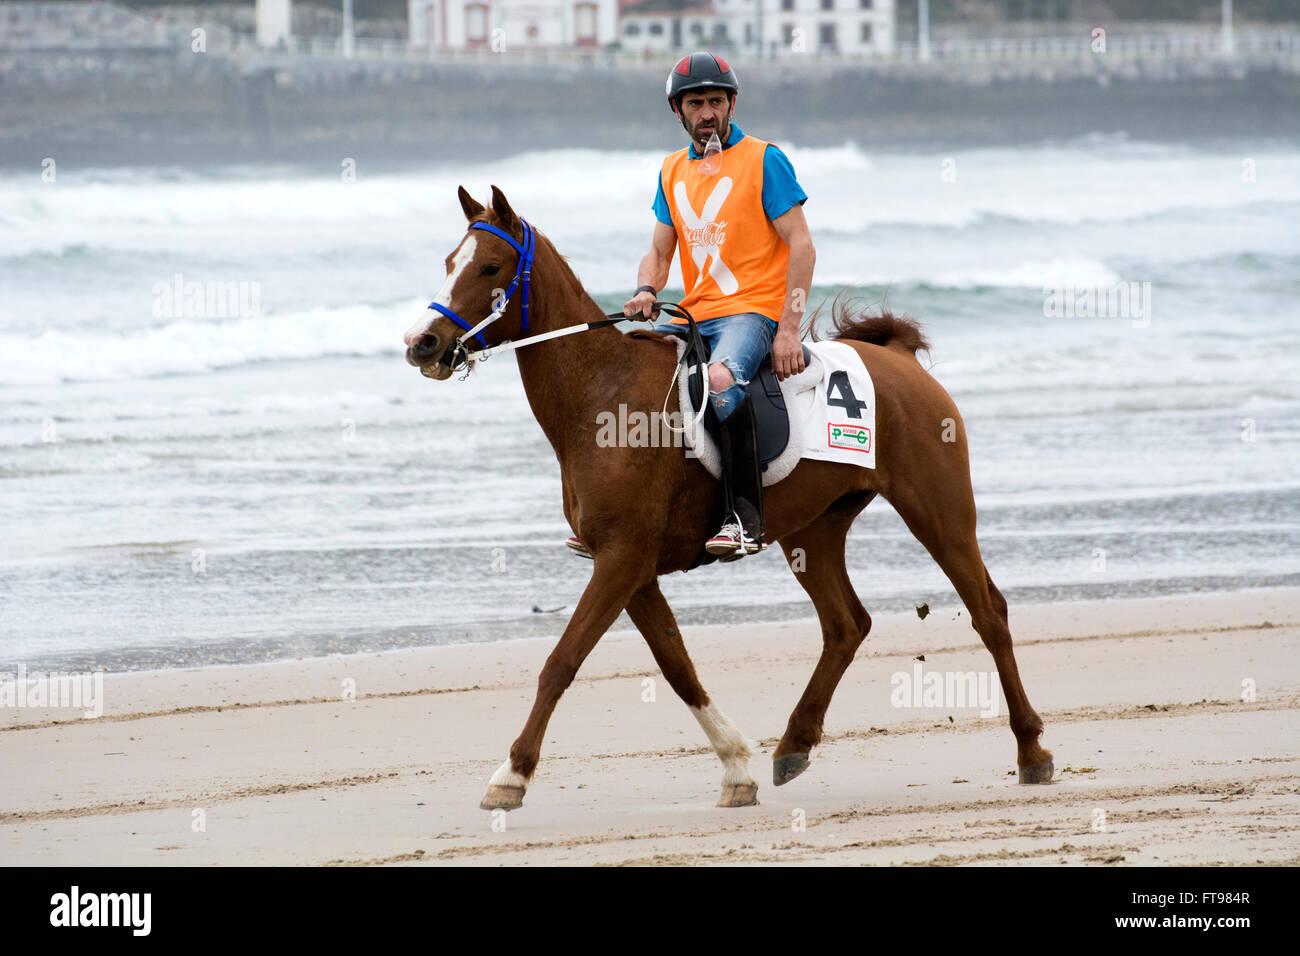 """Ribadesella, Spanien. 25. März 2016. Jose Ignacio Perea mit """"Tromba"""" im zweiten Rennen der Pferderennen Stockbild"""